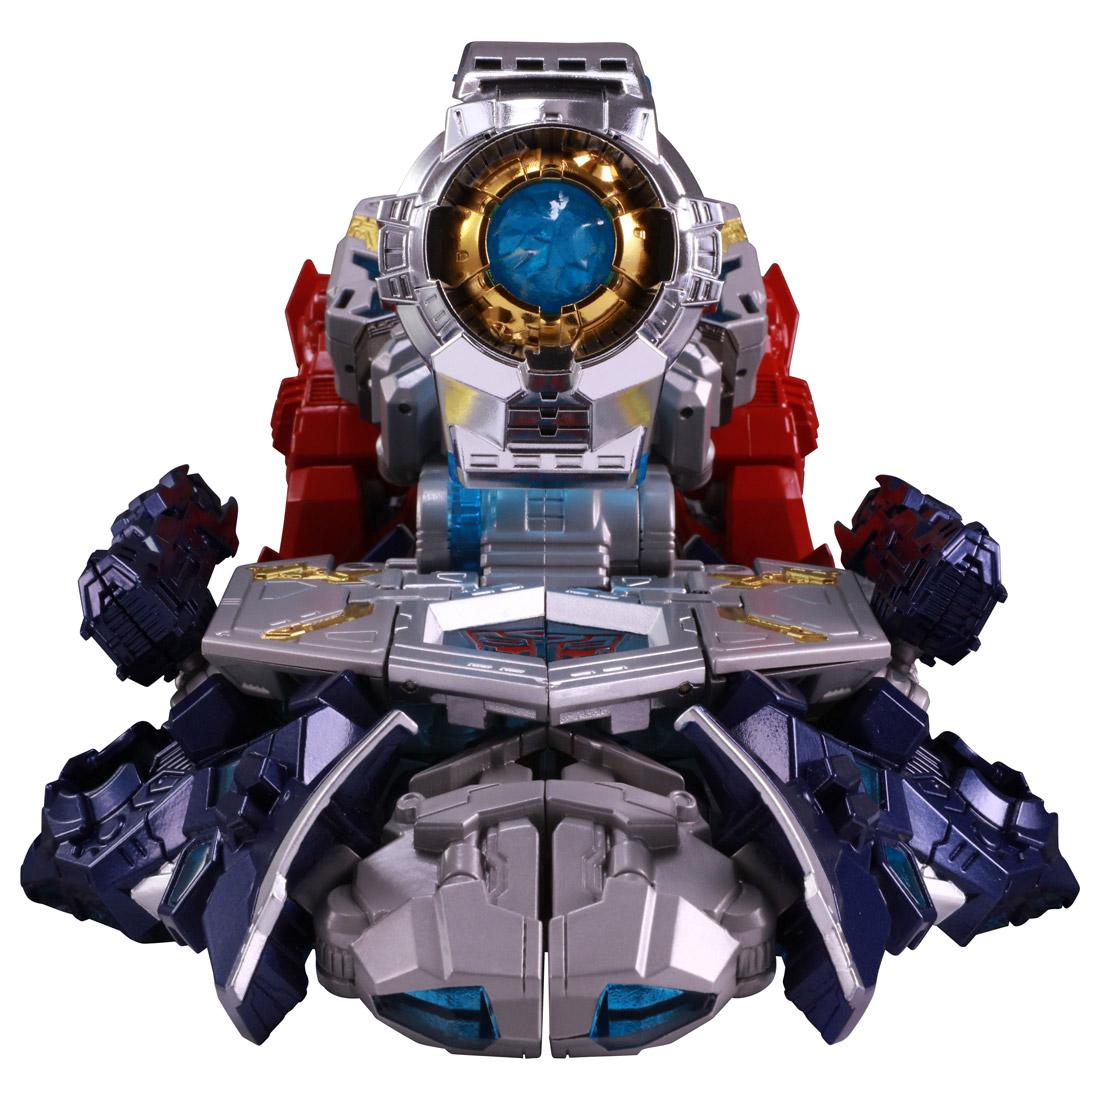 【抽選販売】トランスフォーマー 『G-SHOCK × TRANSFORMERS マスターオプティマスプライム レゾナントモード(G-SHOCKセット)』可変可動フィギュア-008